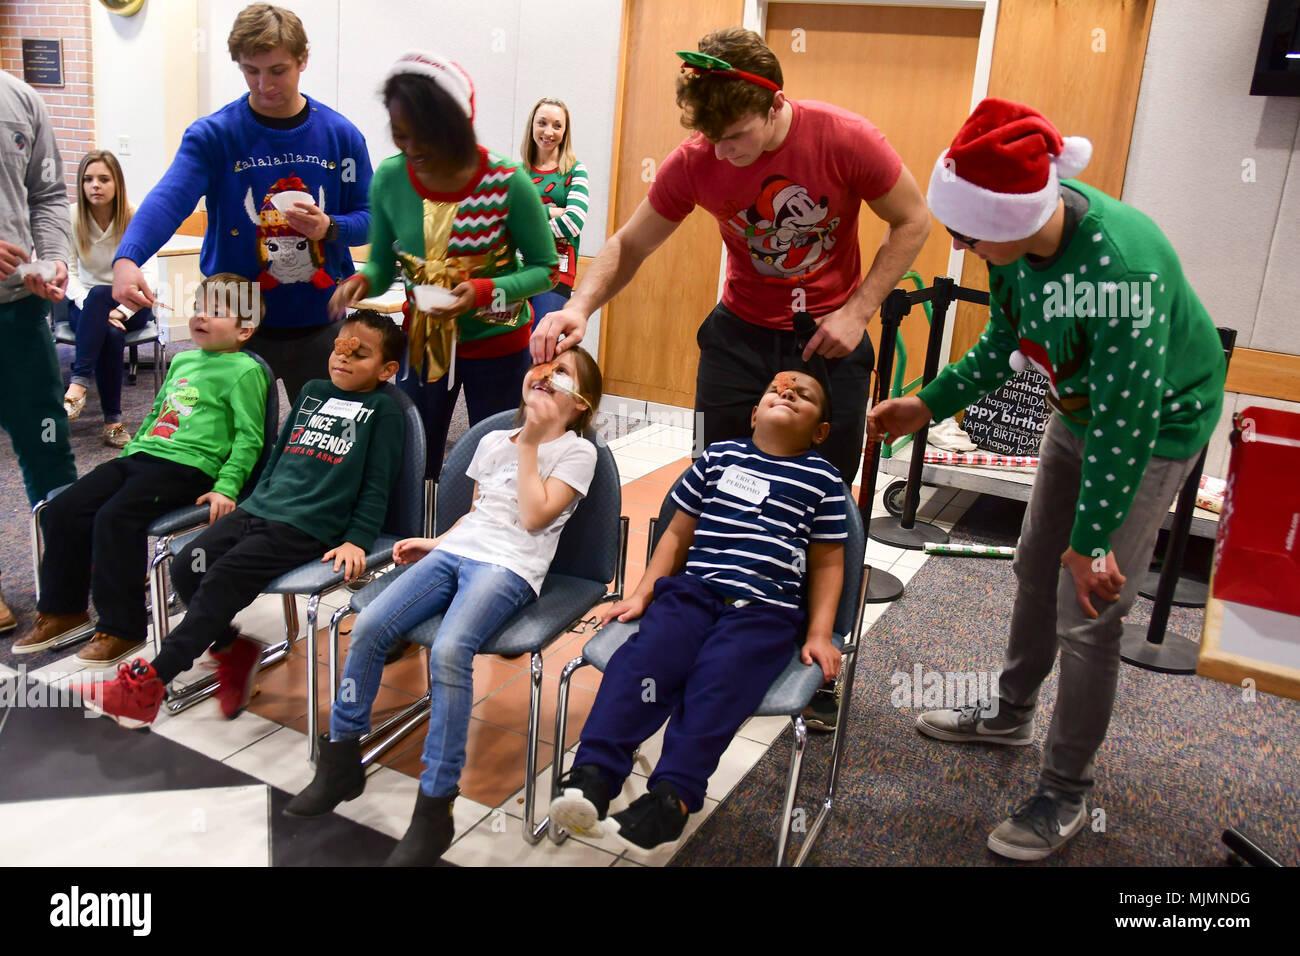 Spiele Weihnachtsfeier.Kinder Nehmen An Party Spiele Vom Greenbrier Christliche Akademie